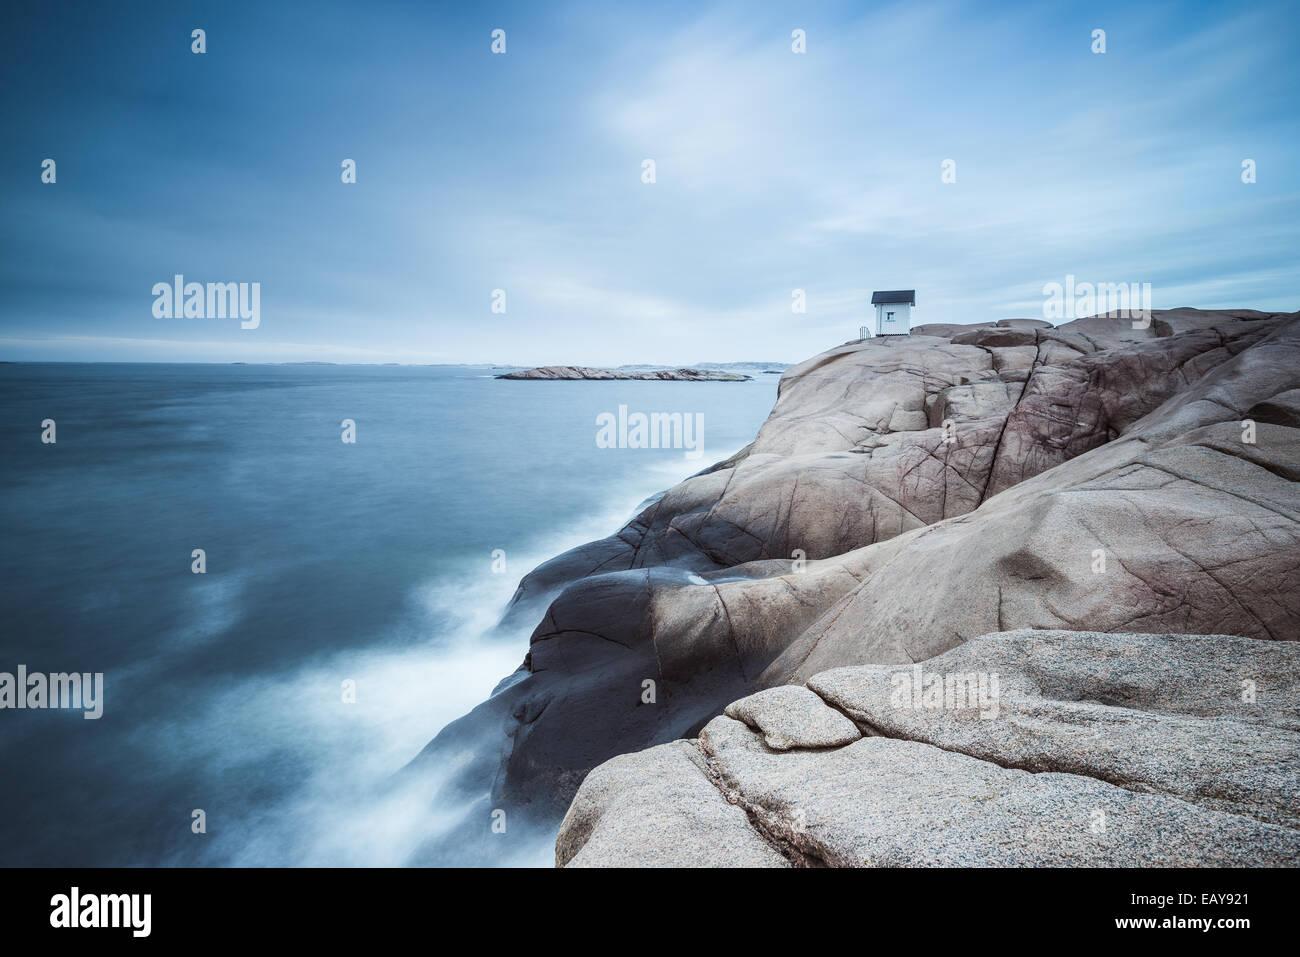 Cabina sulla scogliera vicino al mare con drammatica sky Foto Stock